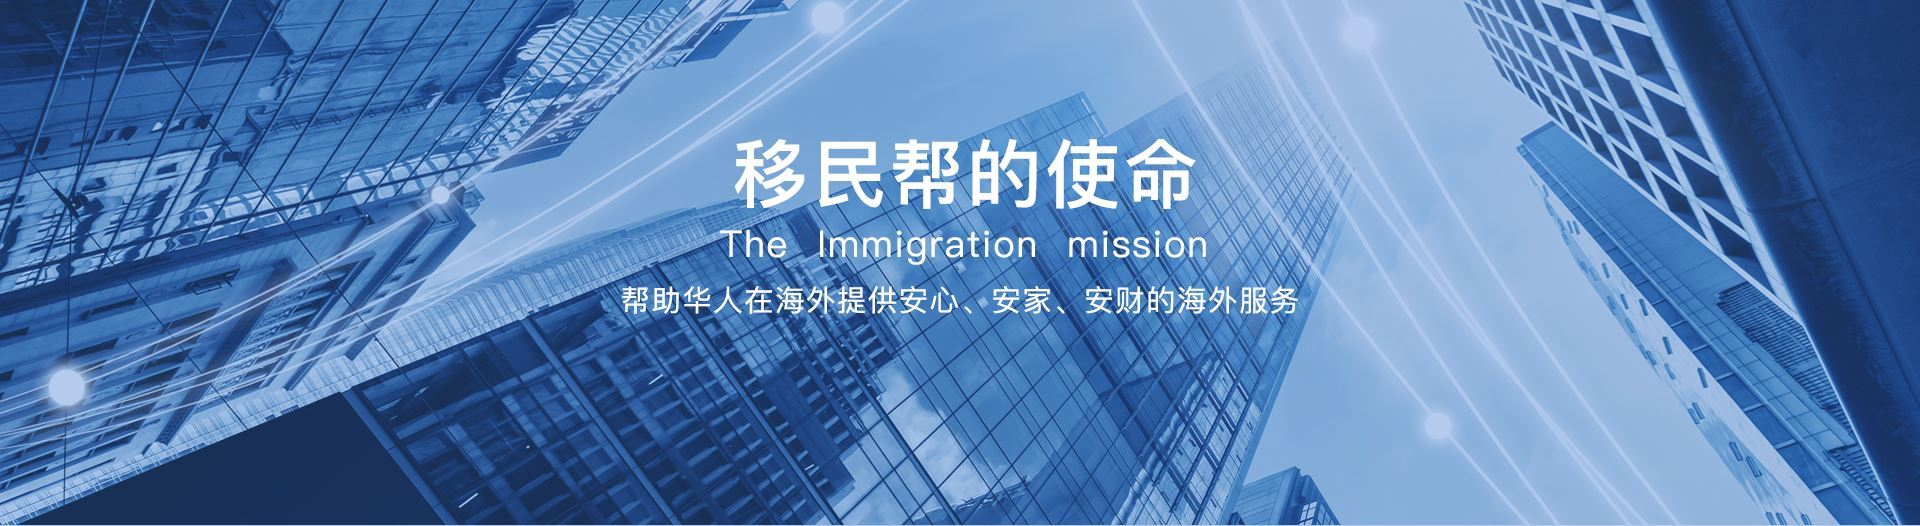 移民帮的使命